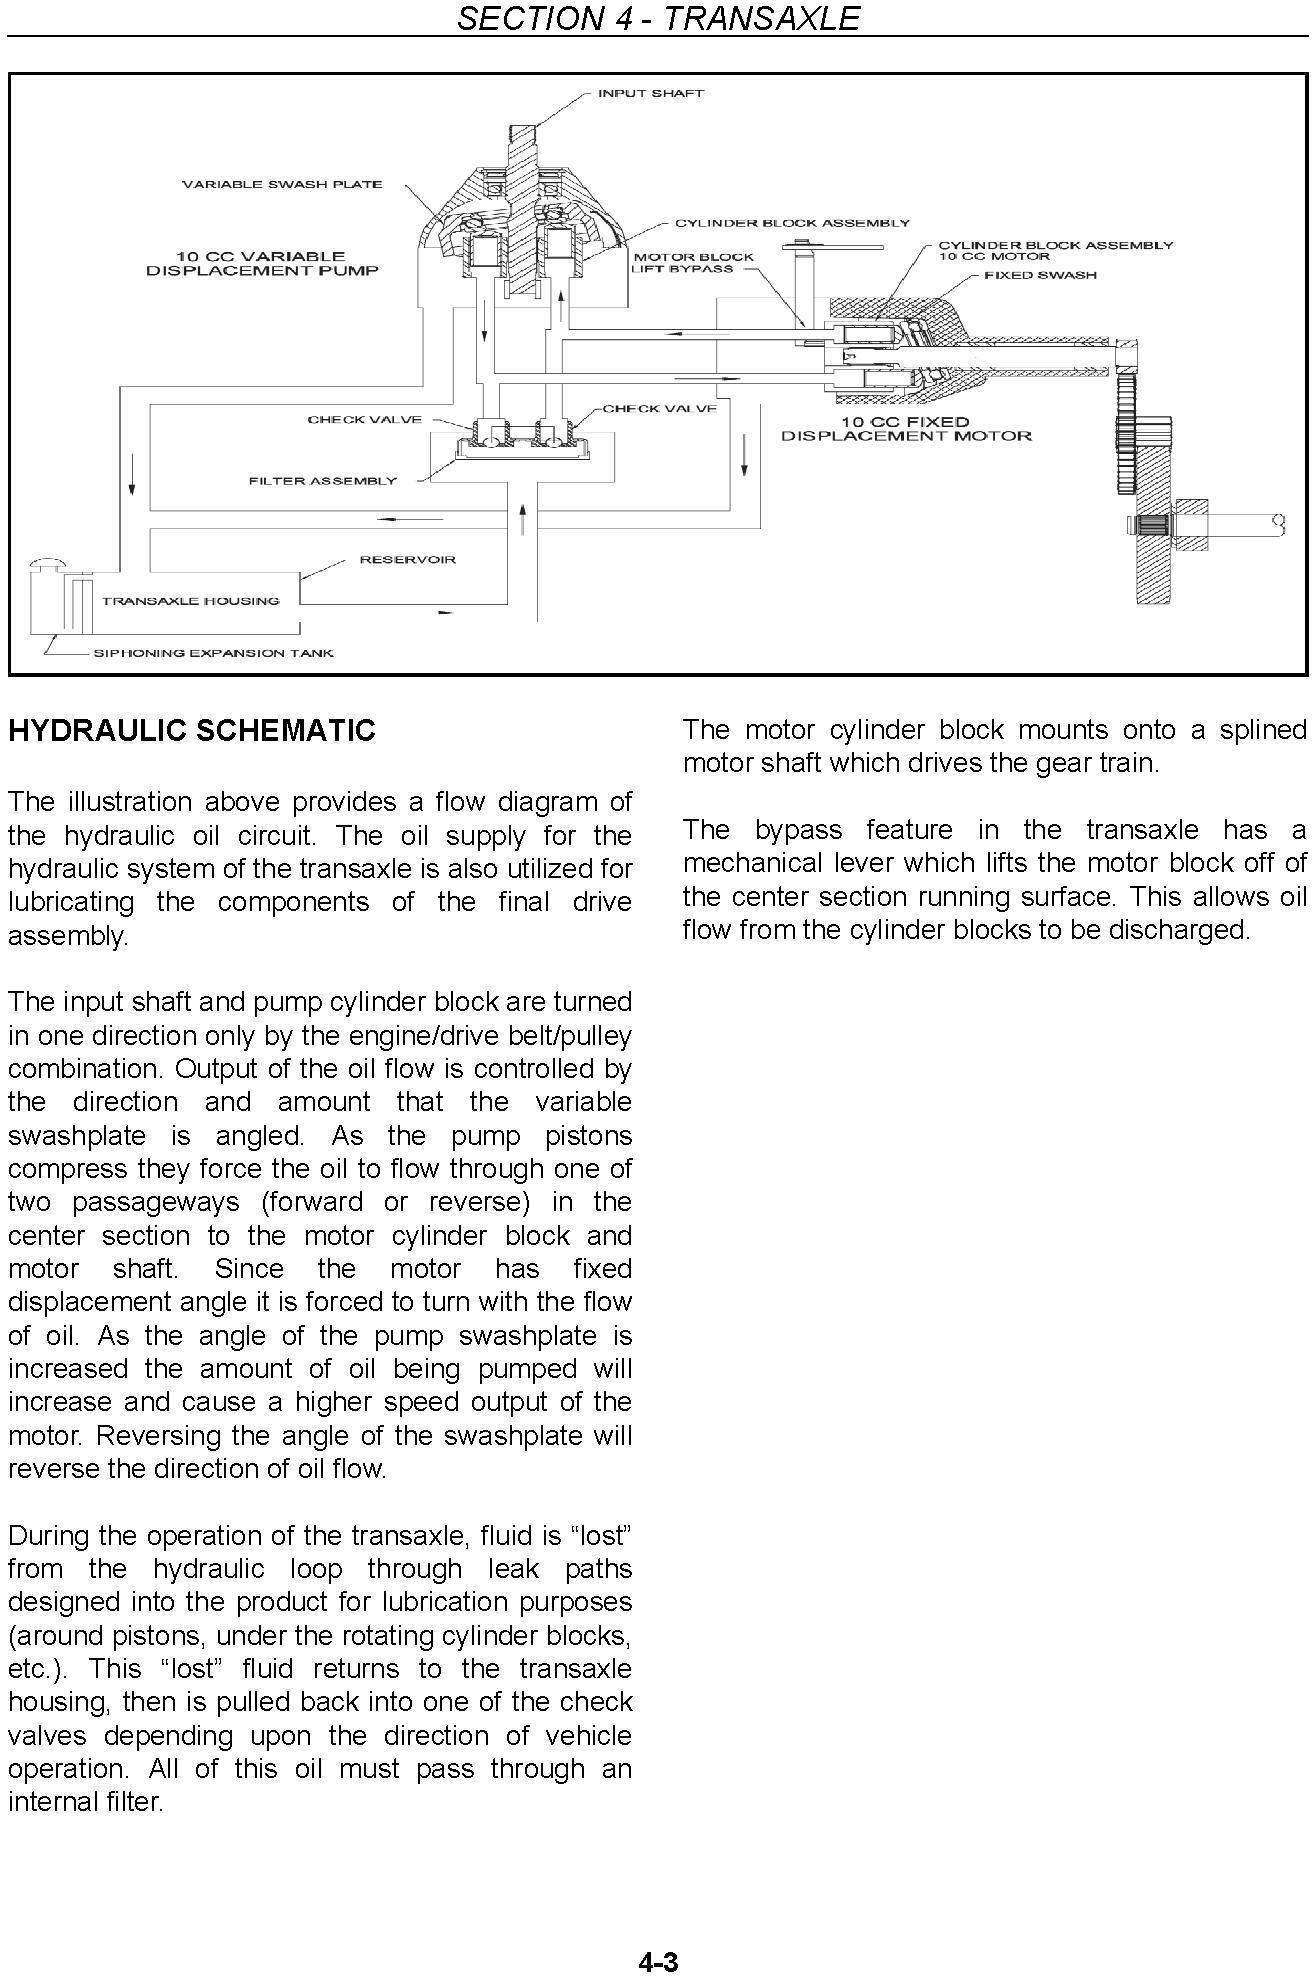 New Holland MZ14H MZ16H MZ18H Zero Turn Radius Mower Service Manual - 2